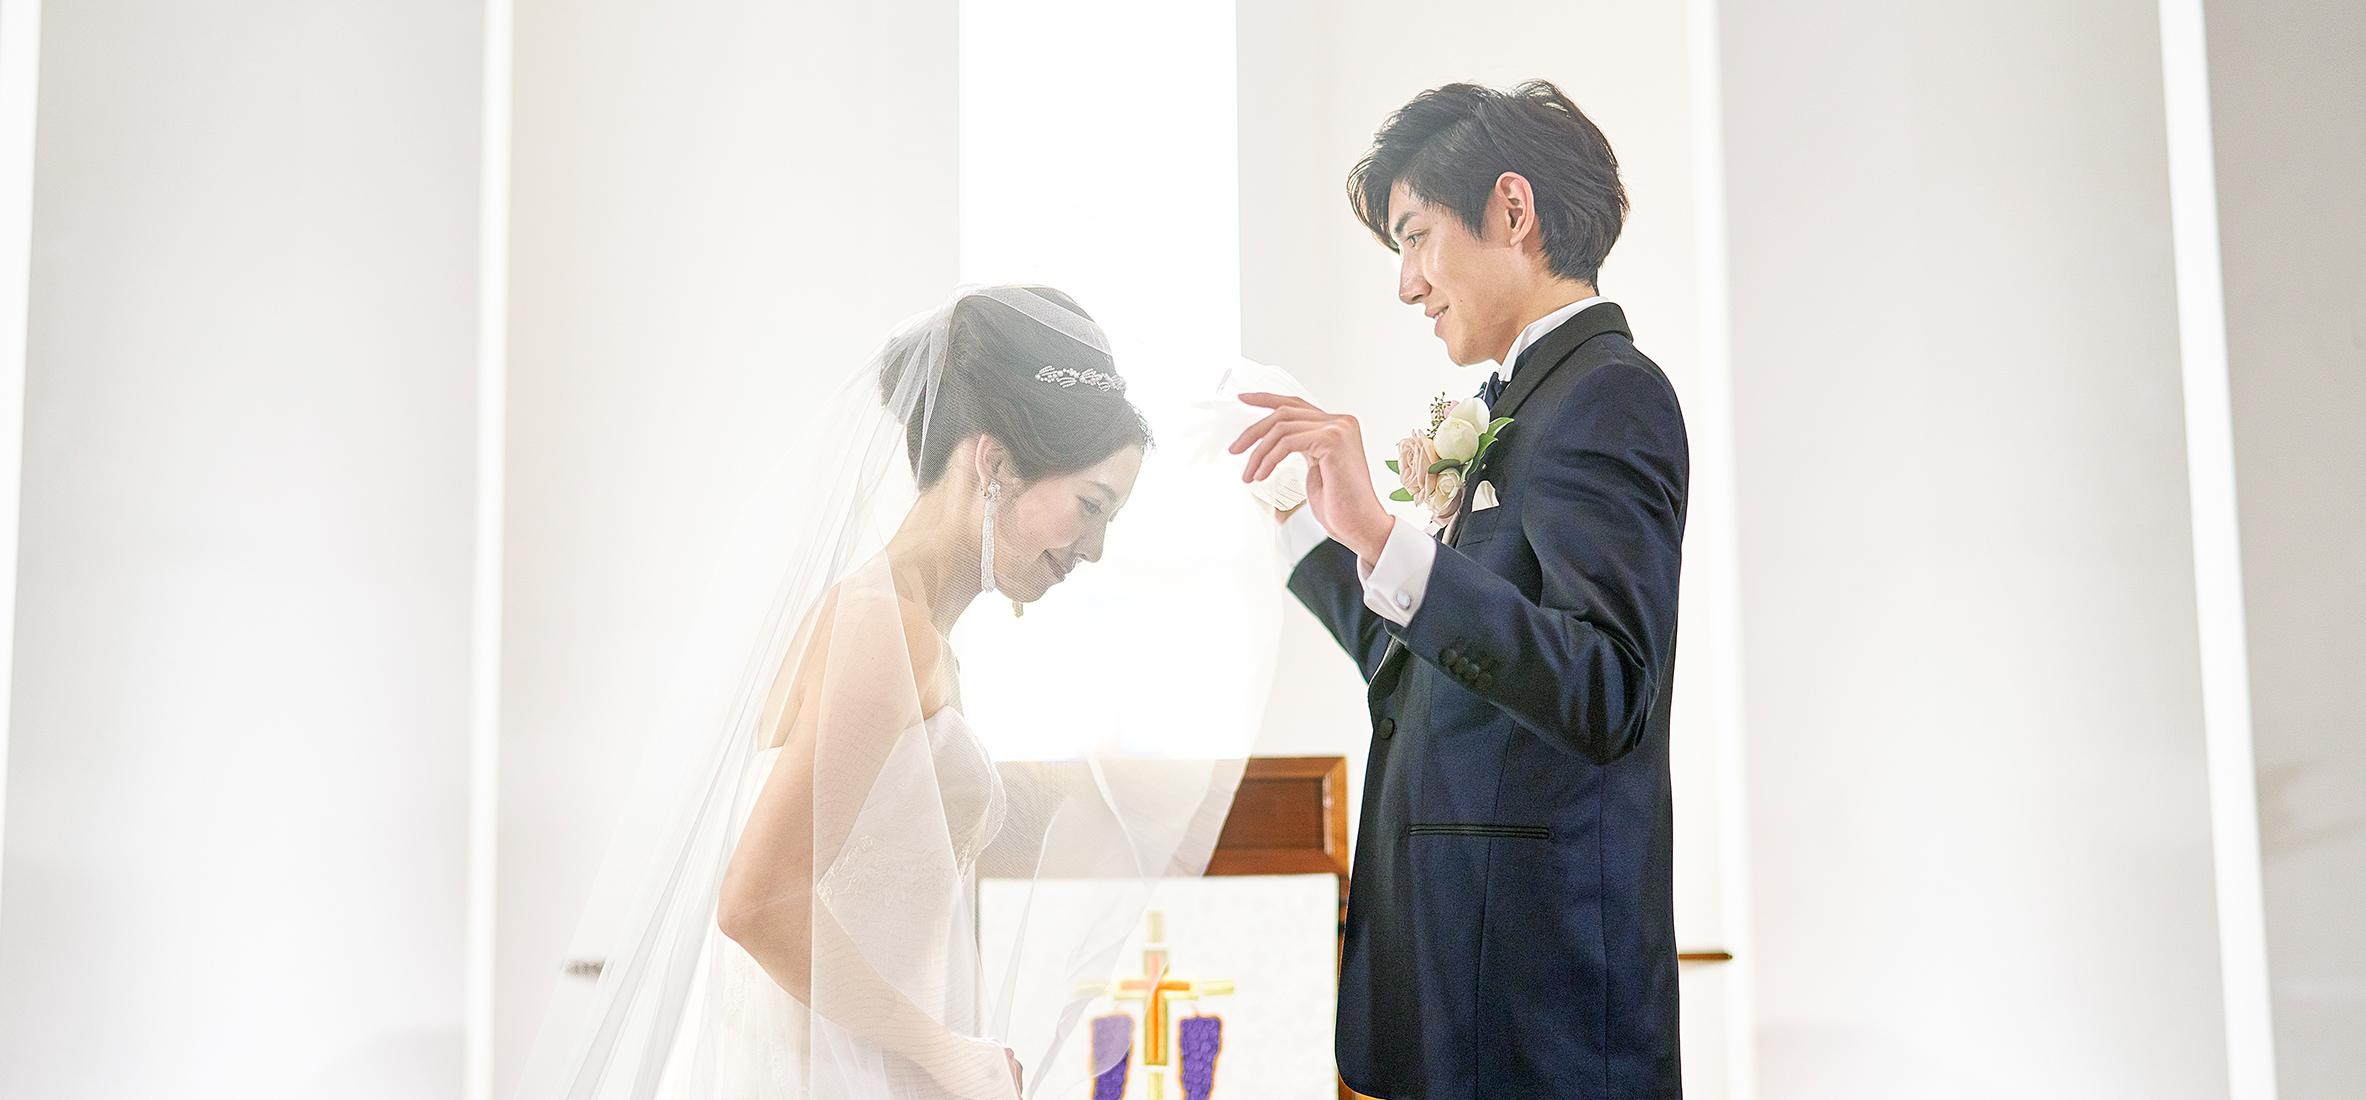 【先着10組様を無料ご招待】オークラ美食&チャペル体感フェア